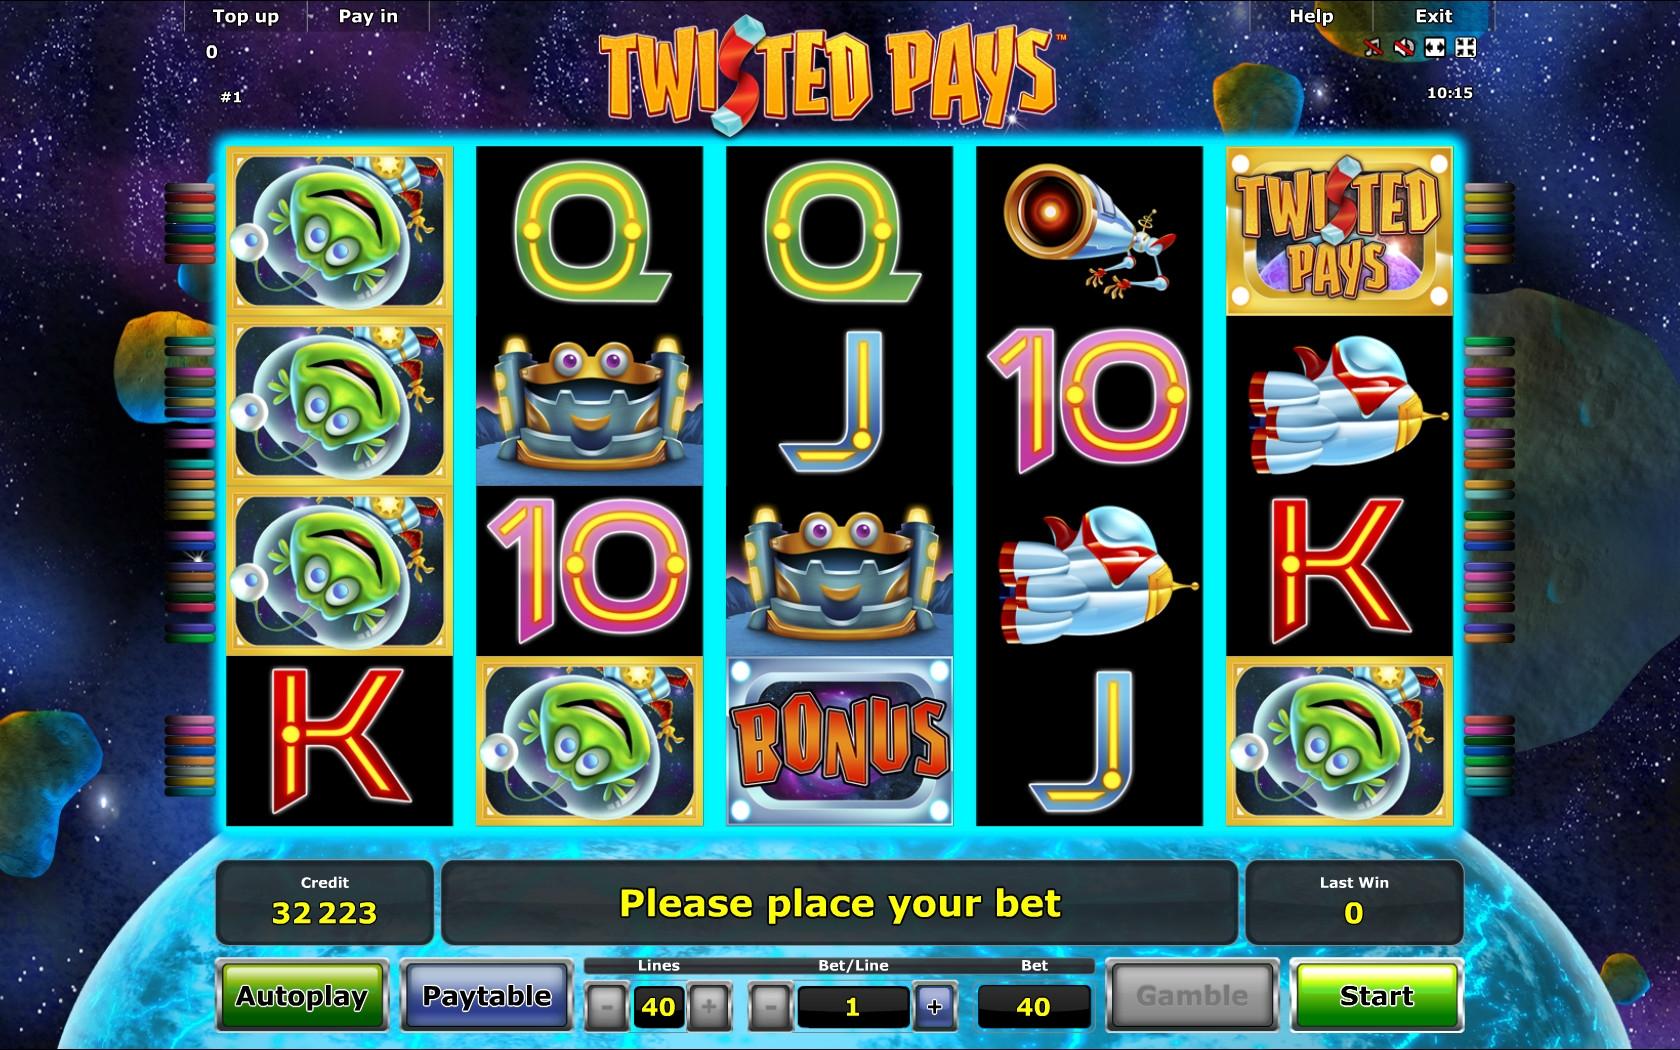 Бесплатно скачать игровые автоматы games.casinoz.me игровые аппараты awp